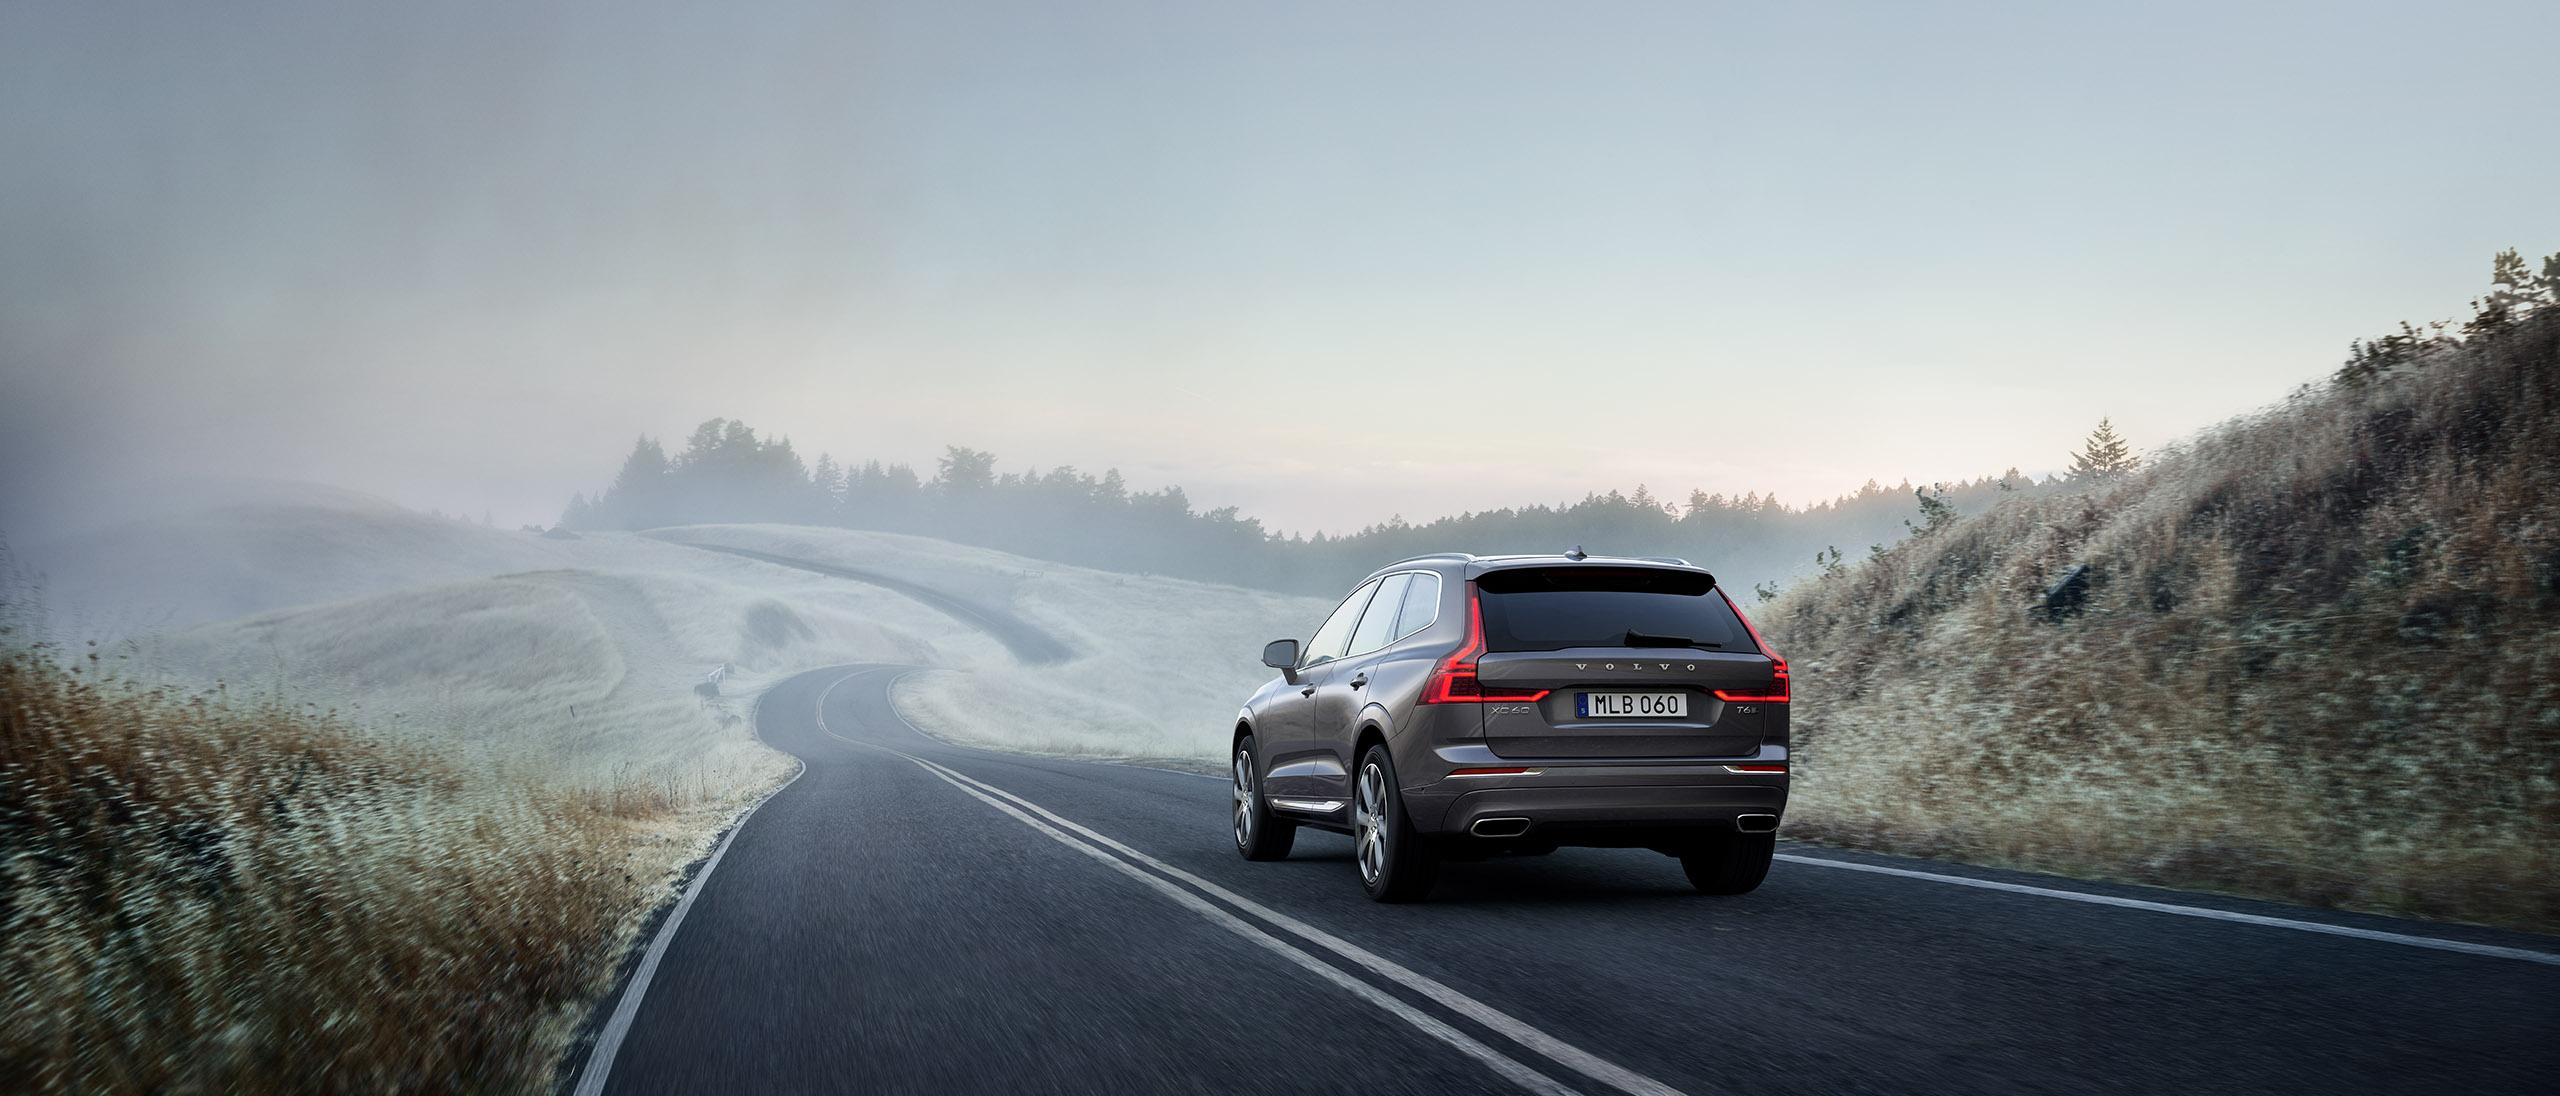 Grár Volvo XC60 ekur á sveitavegi umkringdur sléttum ökrum við dögun